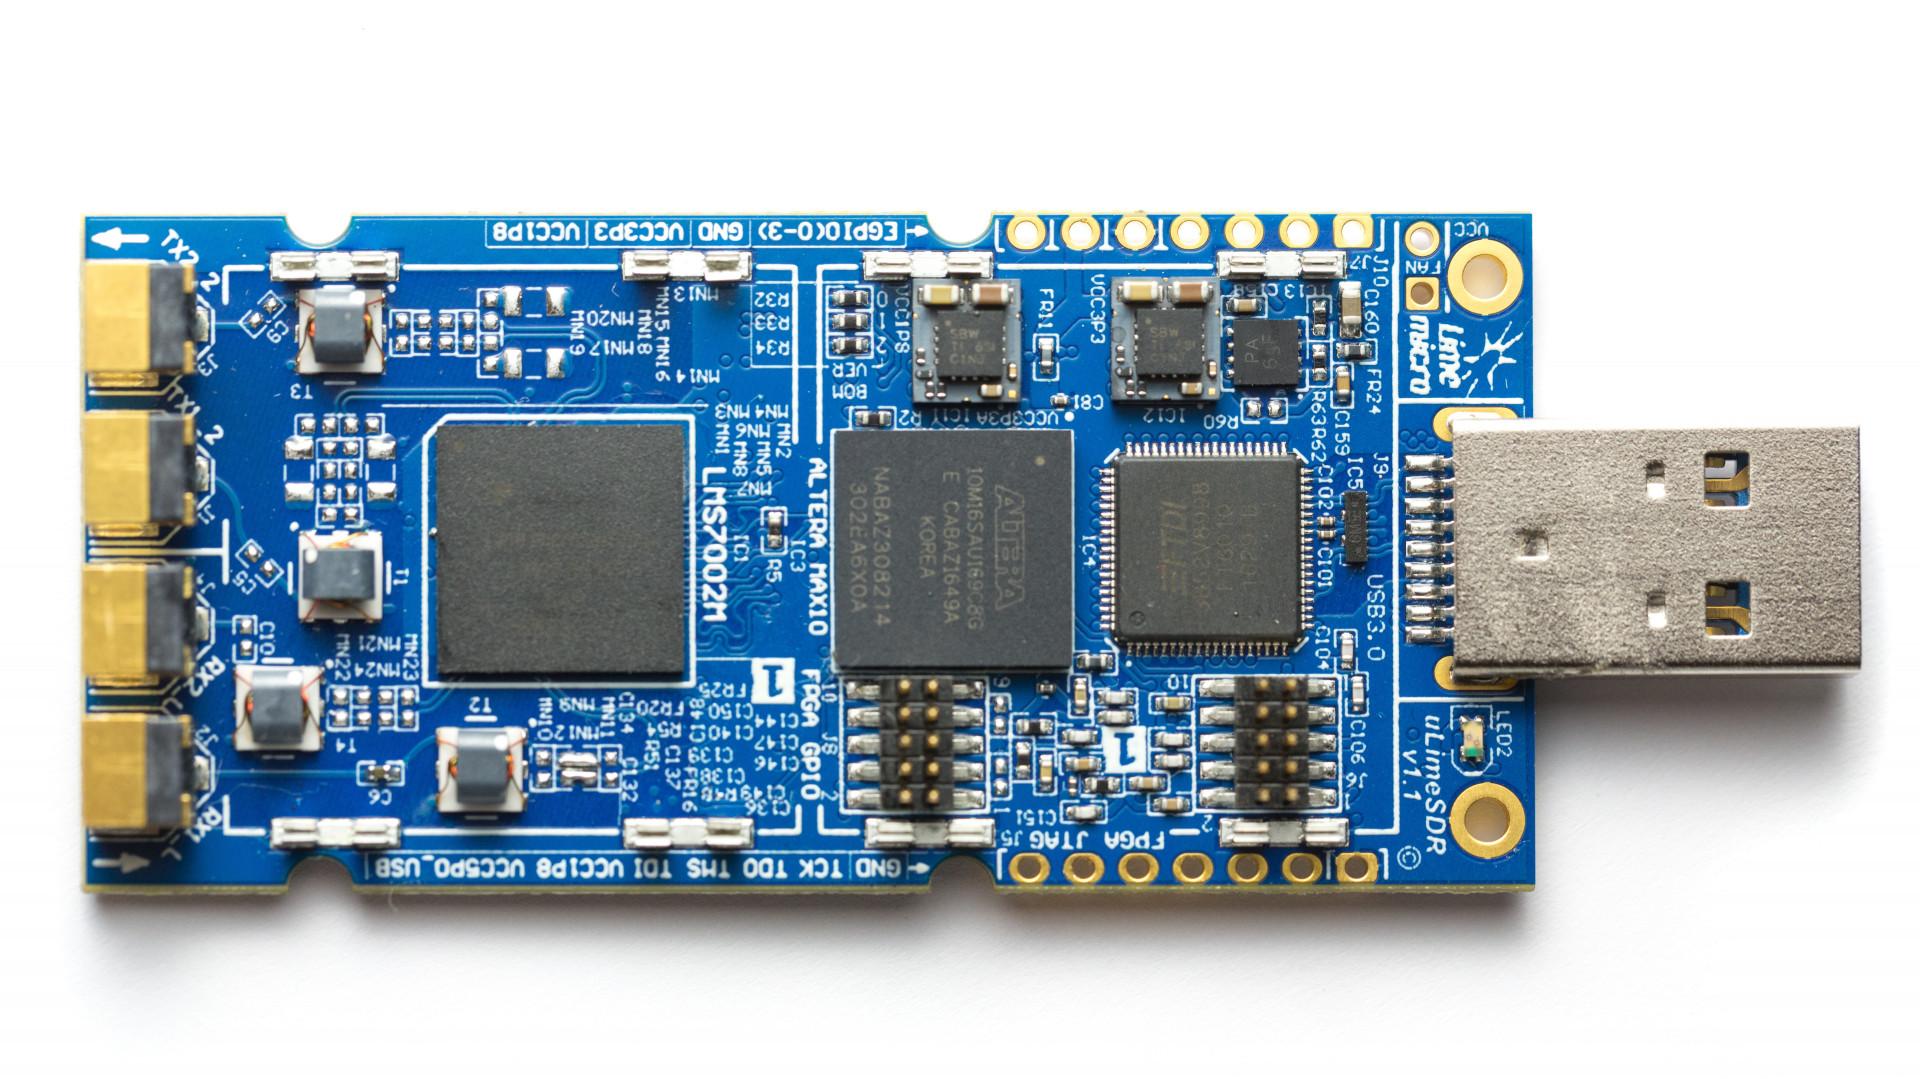 Großartig Mini Projekte Für Digitale Elektronik Ideen - Elektrische ...